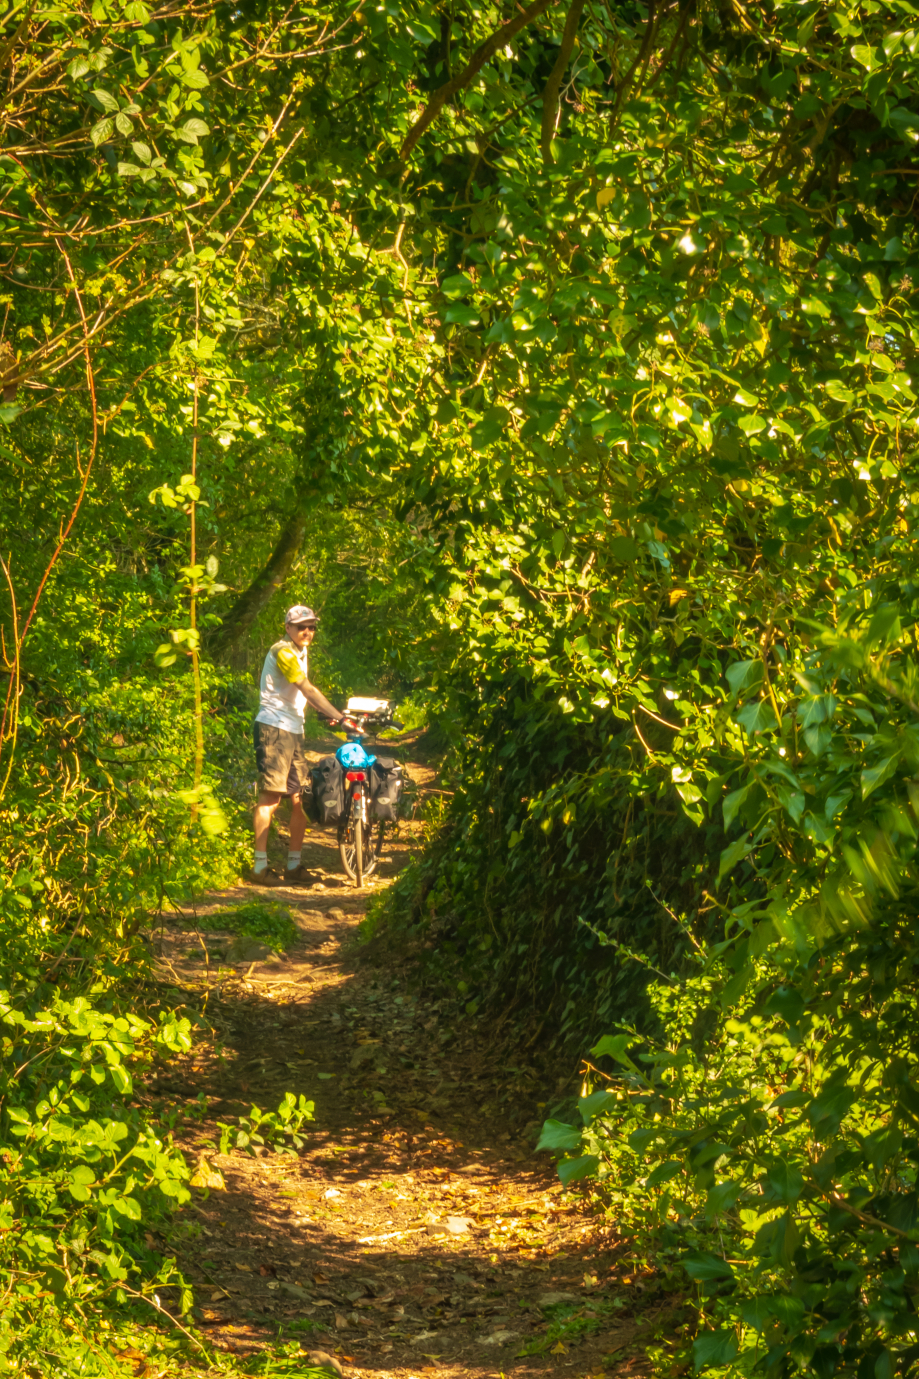 Randonnée Vélo_Le tour des voies vertes en centre Bretagne_ (2 sur 13).jpg